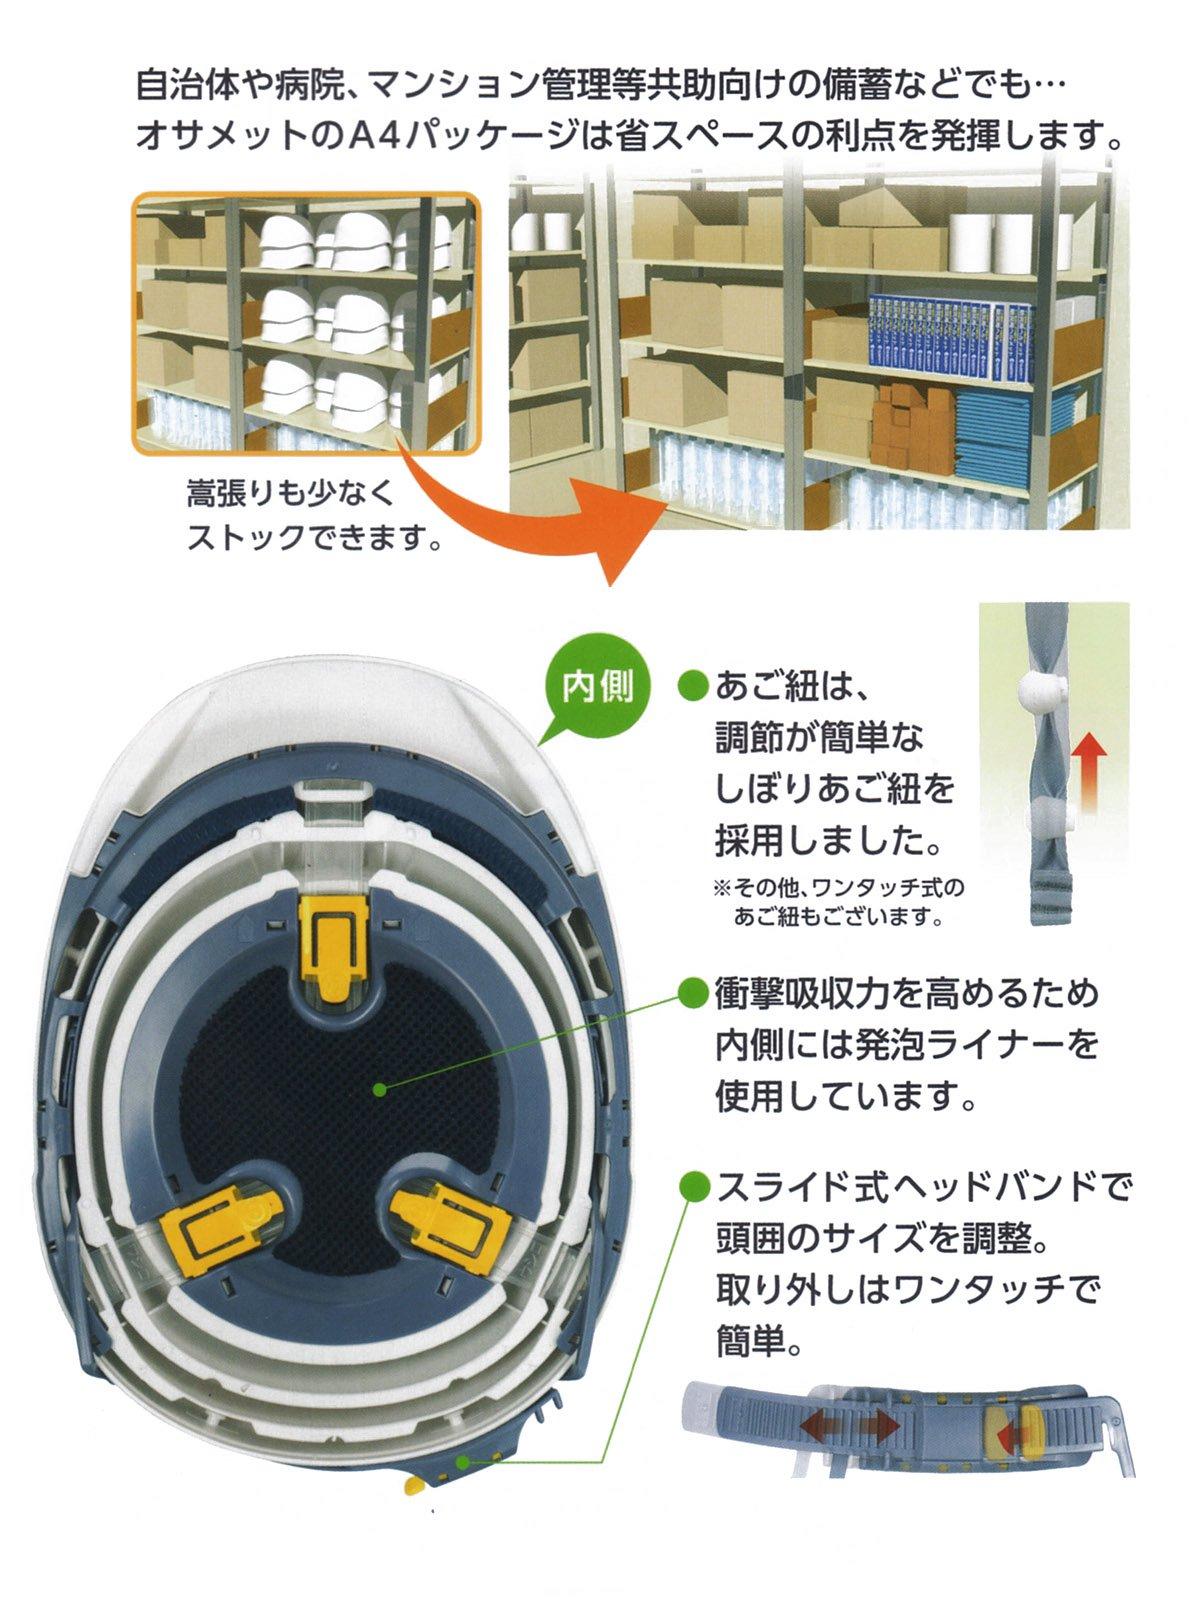 防災用折りたたみ式ヘルメット osamet オサメット 国家検定品【画像4】